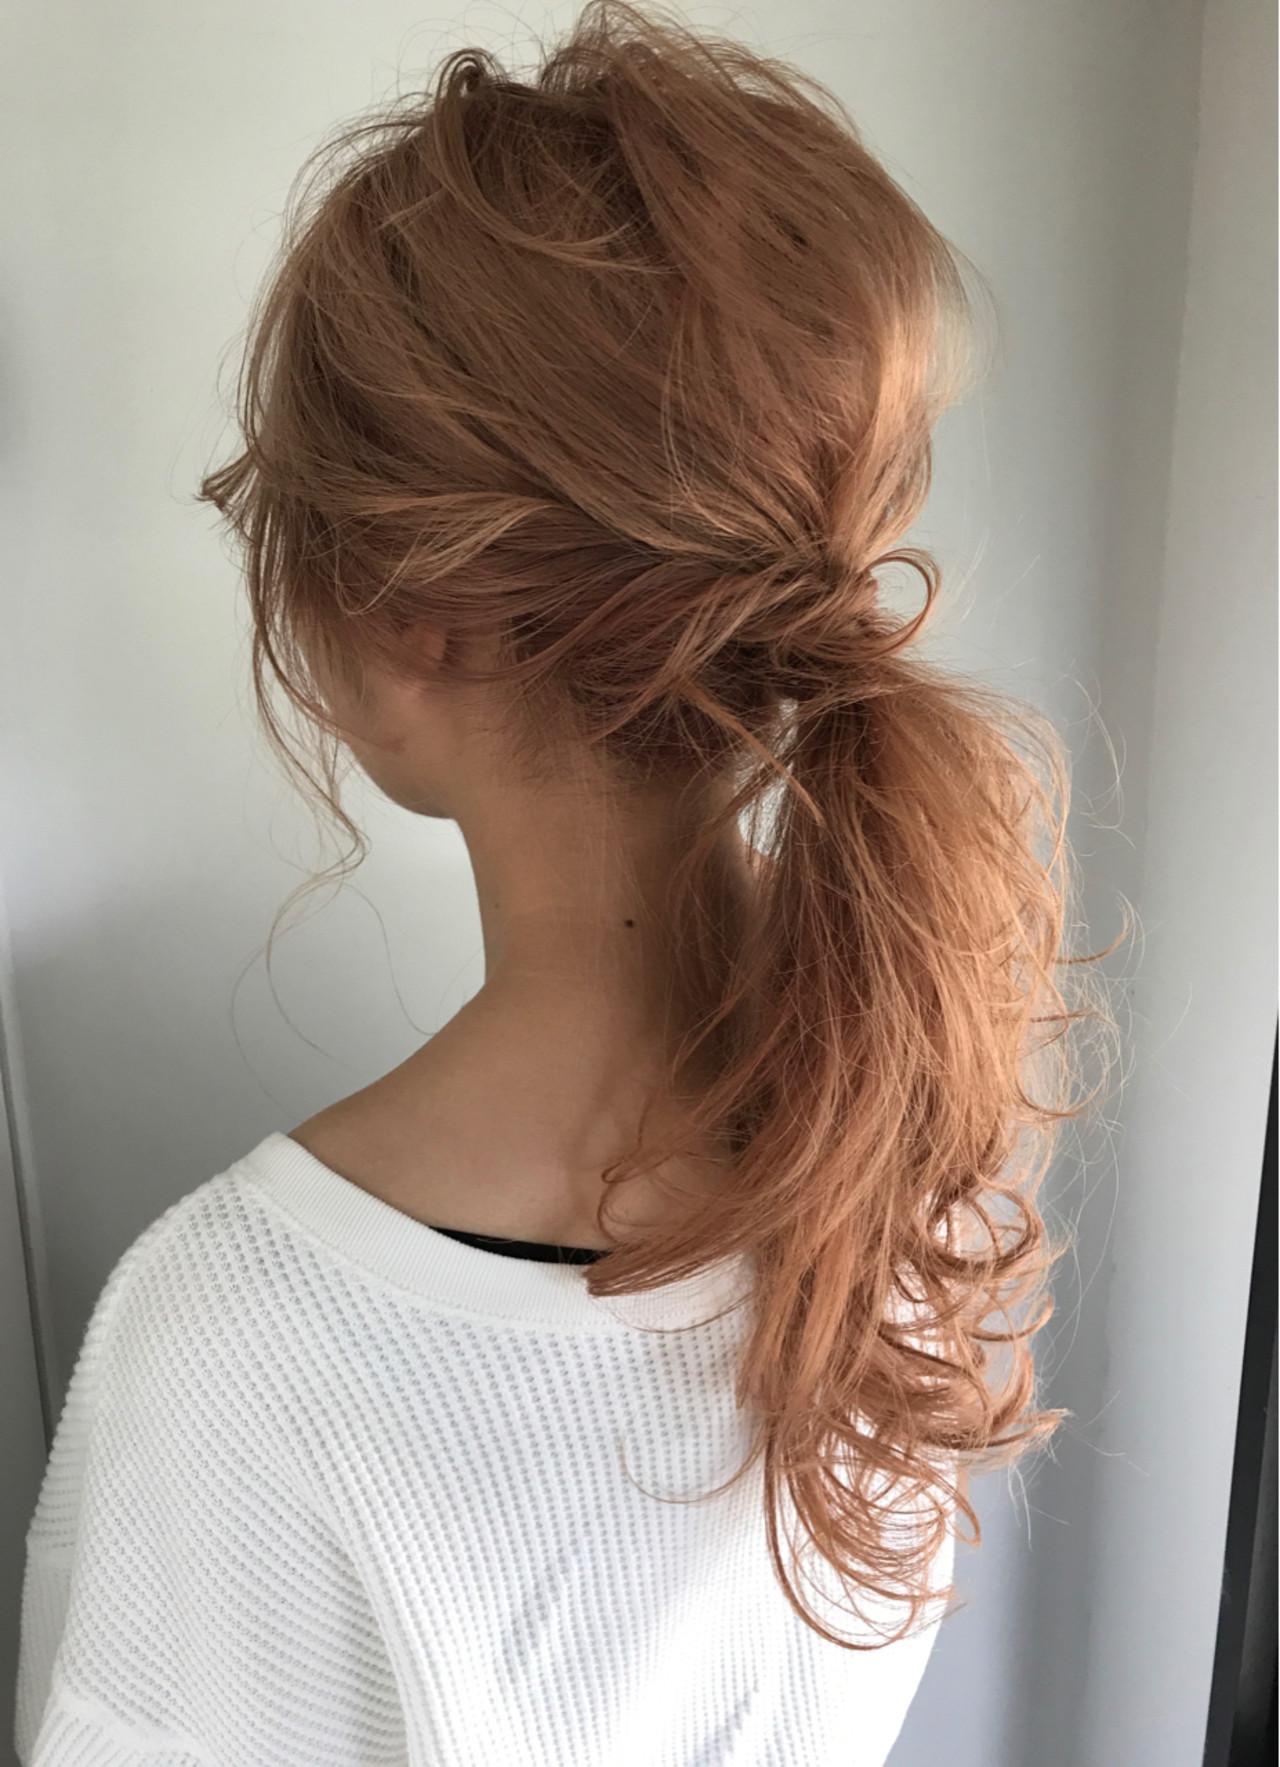 ナチュラル 簡単ヘアアレンジ セミロング ウェーブ ヘアスタイルや髪型の写真・画像